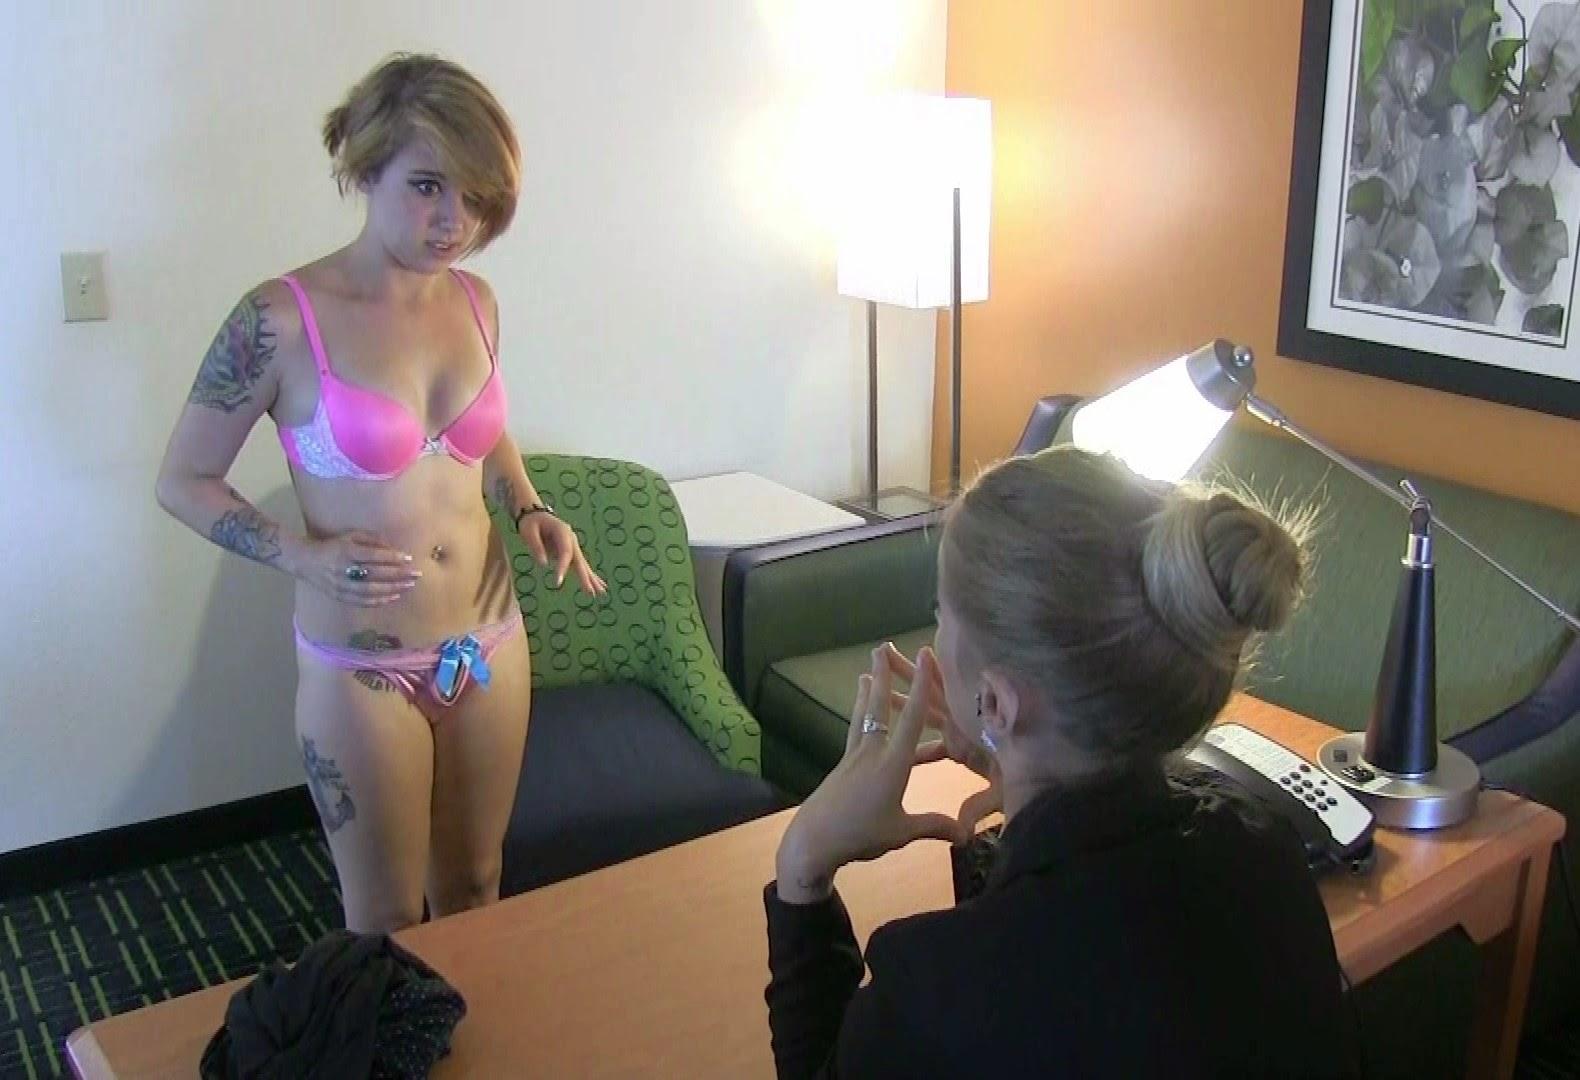 naked girl at job interview